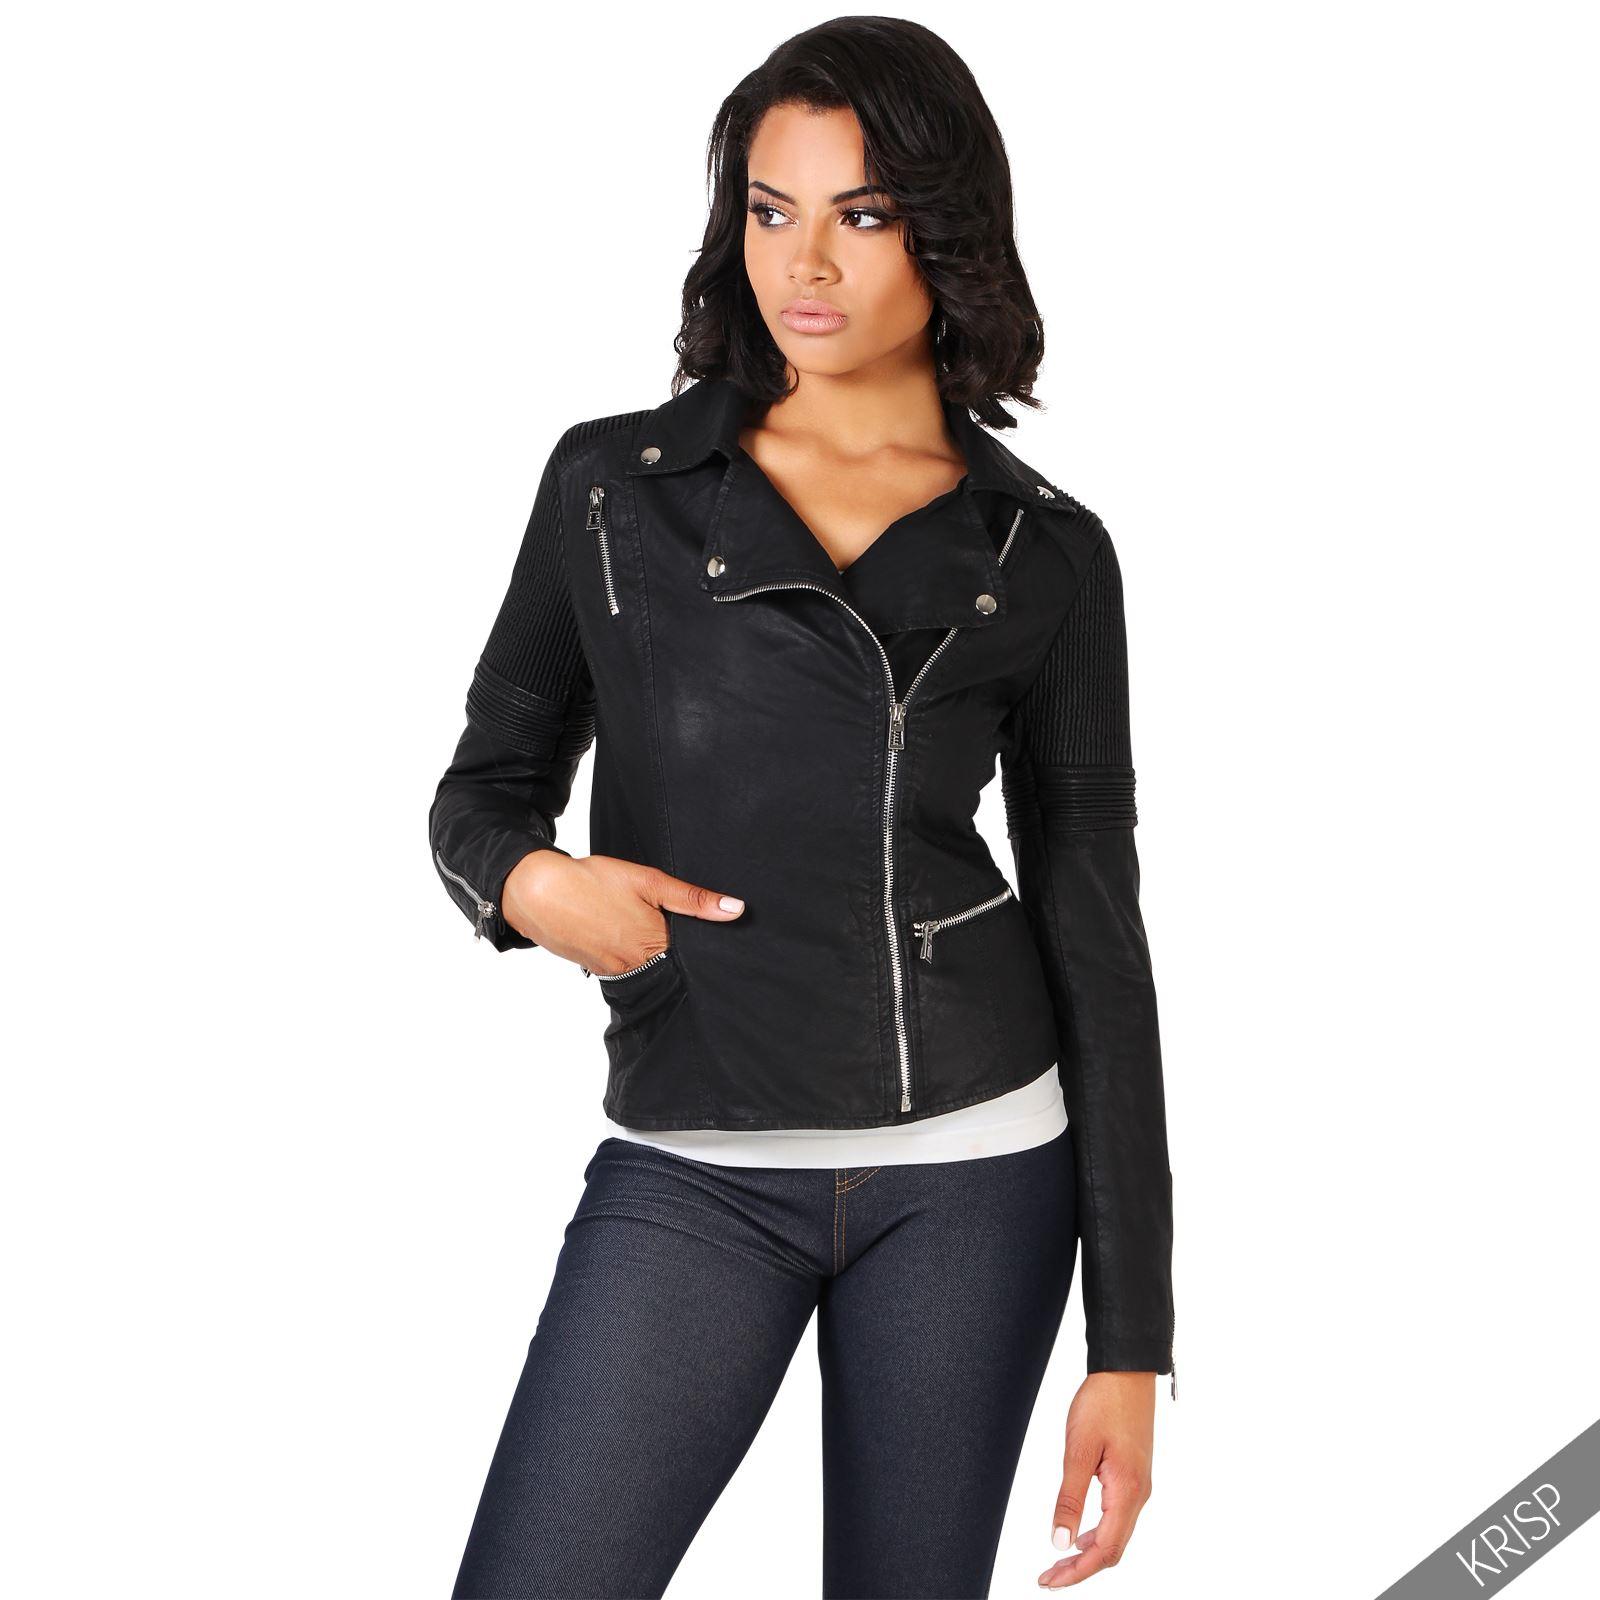 femmes veste biker clous cintr e blouson motard rembourr manteau moto classique ebay. Black Bedroom Furniture Sets. Home Design Ideas